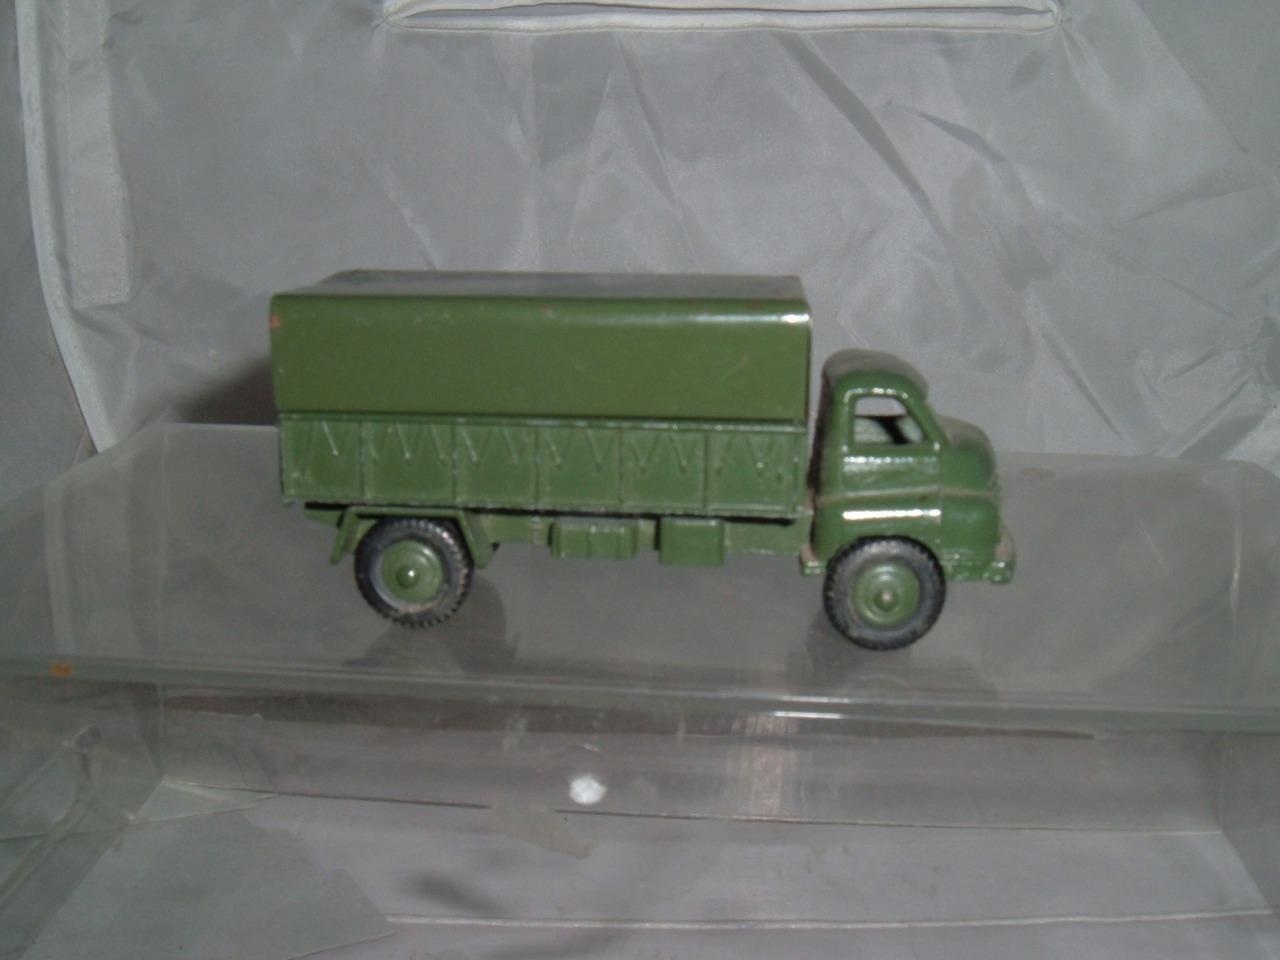 Budgie Morestone-El ejército de camiones Bedford-Diecast Escala 1 43 - Brill condición -